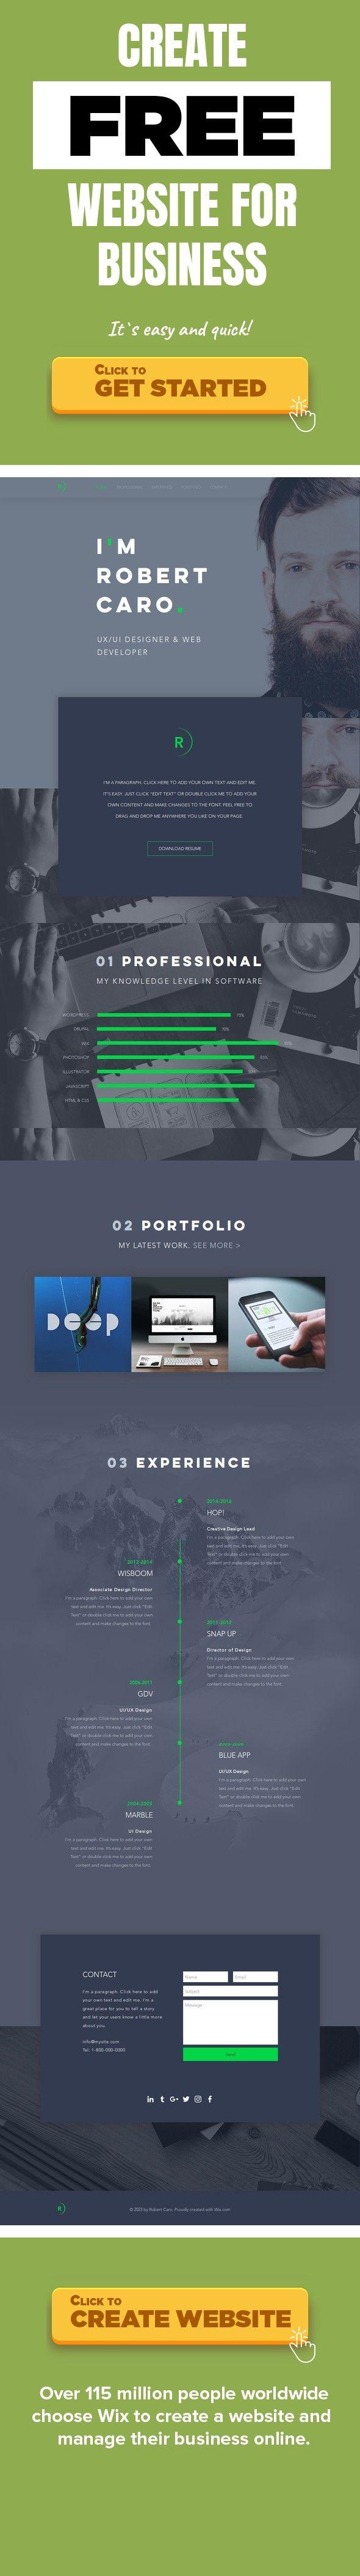 Currículo de Designer de UX/UI Portfólios, Currículo UX designers, UI designers, web designers Você é um designer ilustrador, criativo, tecnológico ou um desenvolvedor de webdesign? Nós temos o template certo para você.  Mostre para todos o seu incrível currículo com este design de template projetado para ser bem objetivo. Com desenhos cativantes, recursos de rolagem parallax e uma representação visual deslumbrante do seu currículo, seu trabalho certamente irá aparecer.  Inicie o seu site…